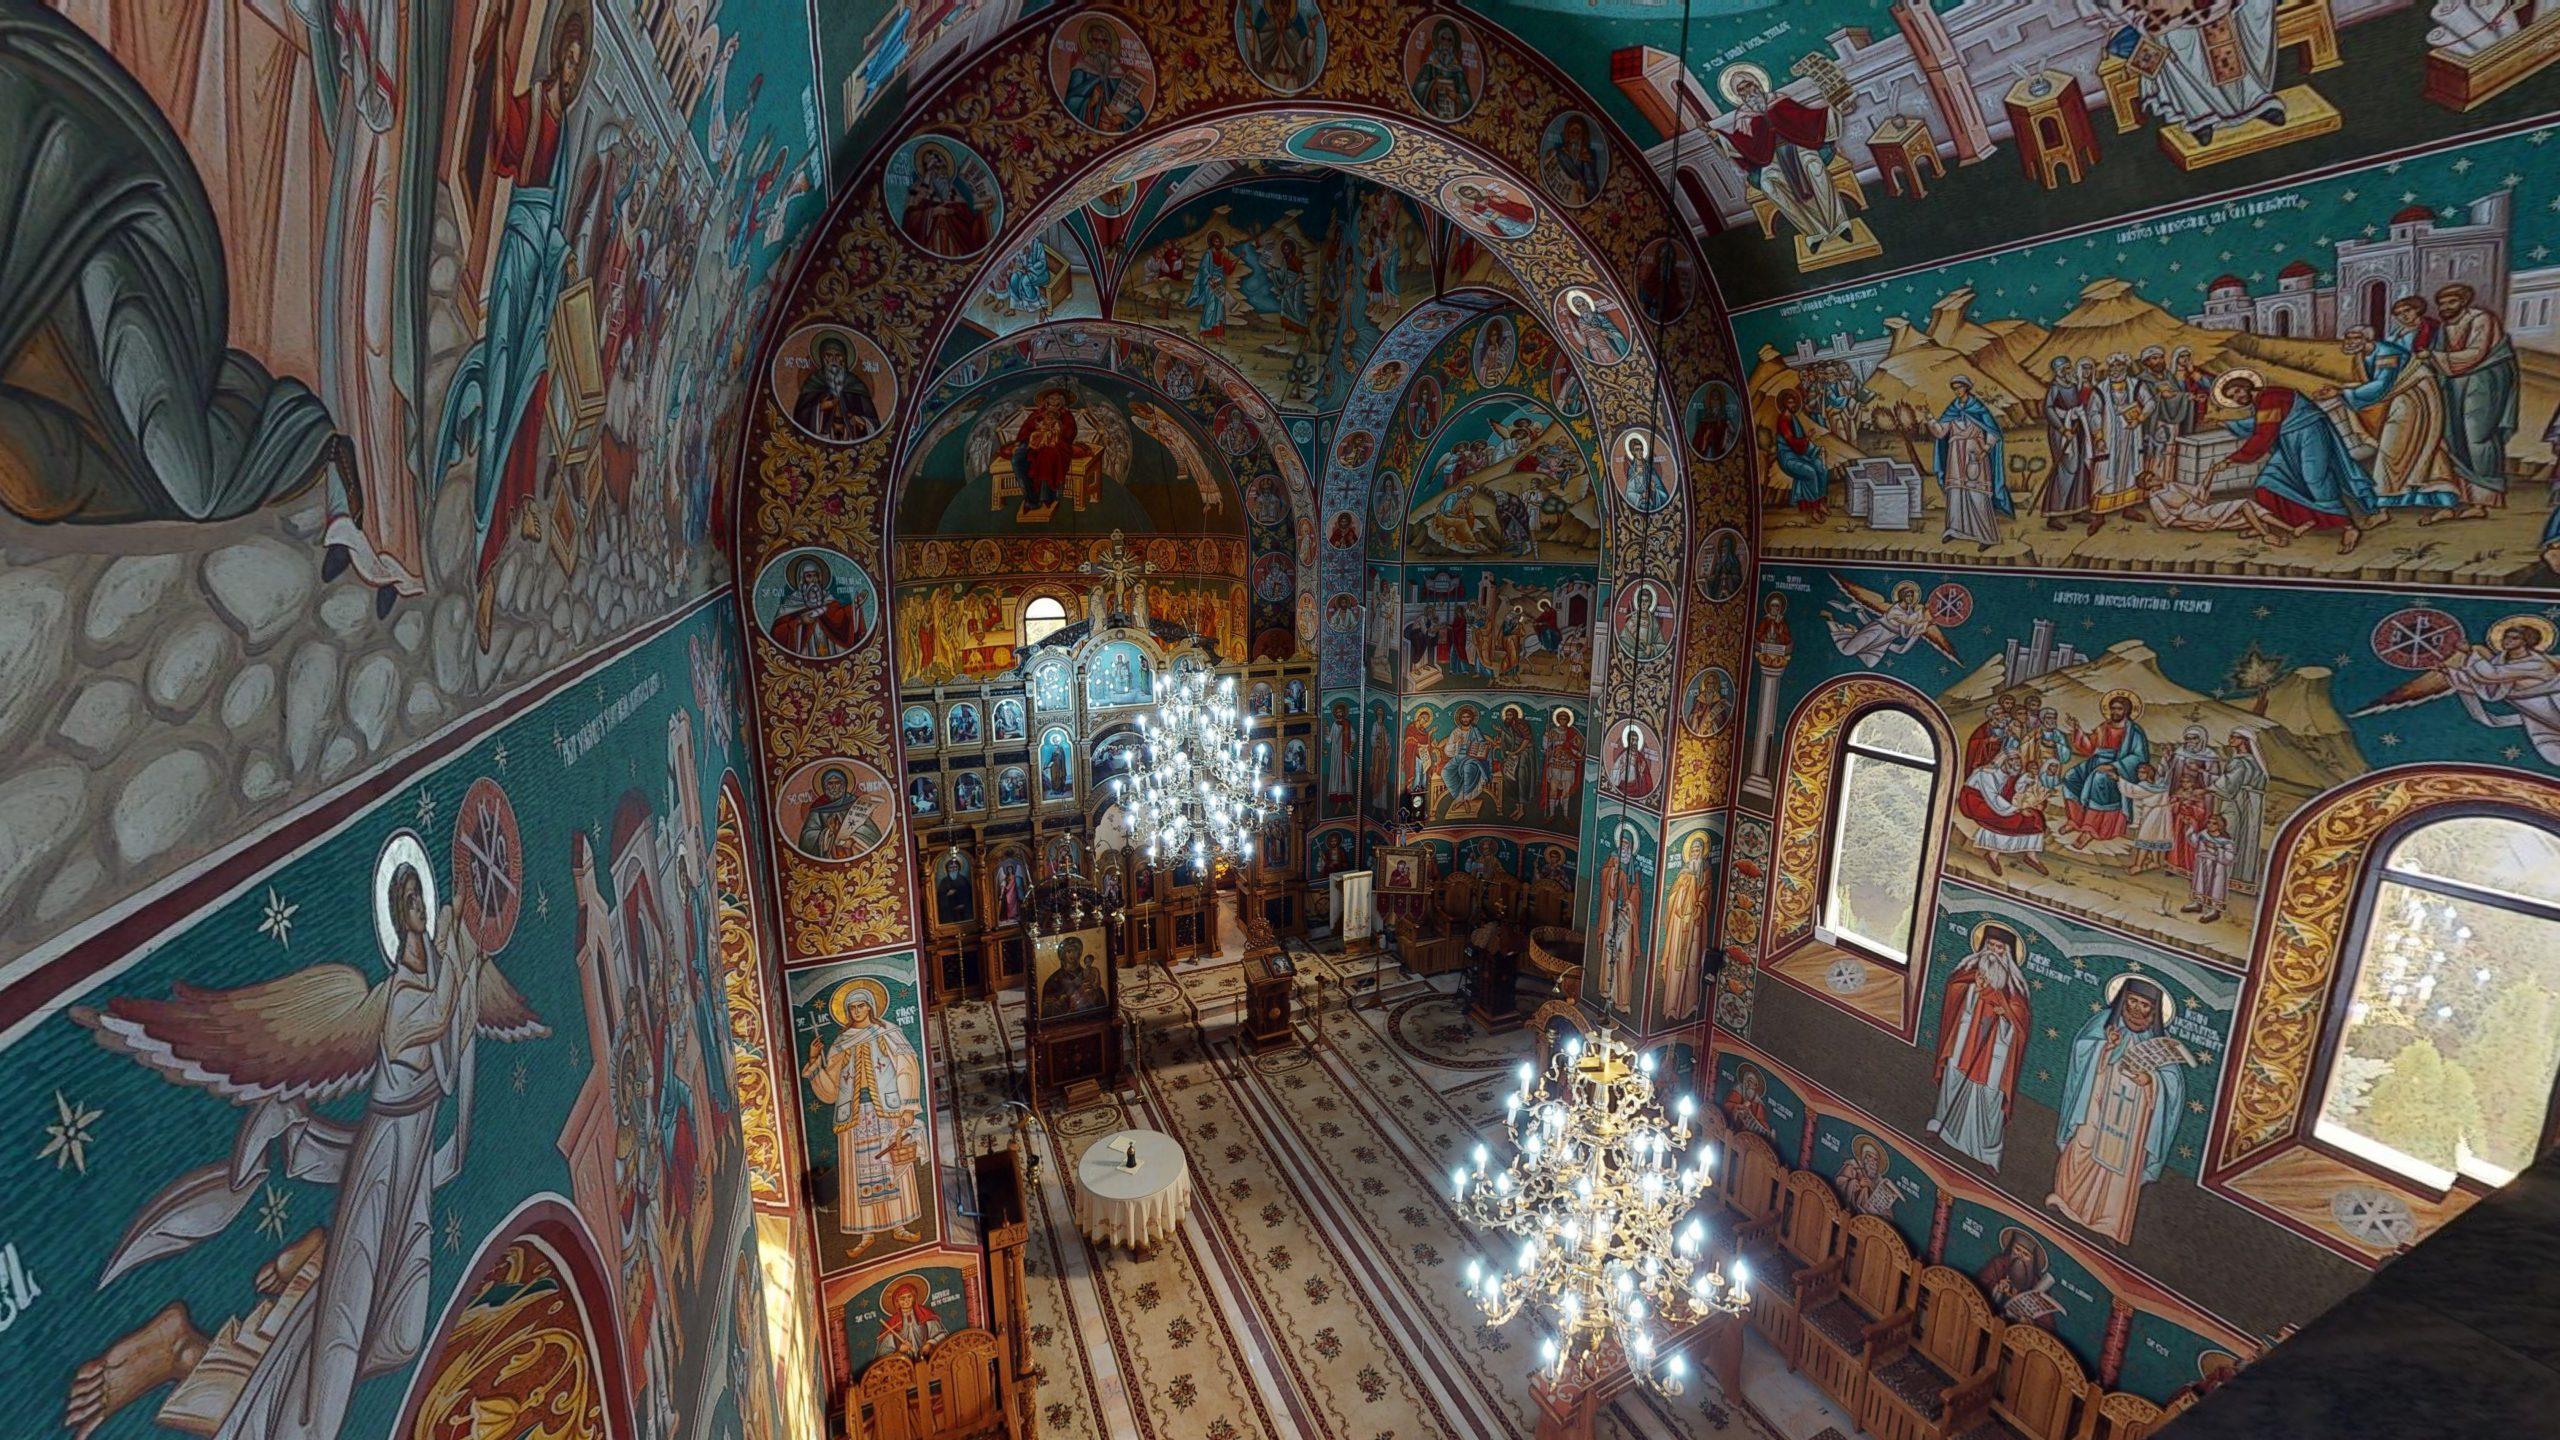 Biserica-Sfintii-Trei-Ierarhi-Flamanzi-11172020_010717